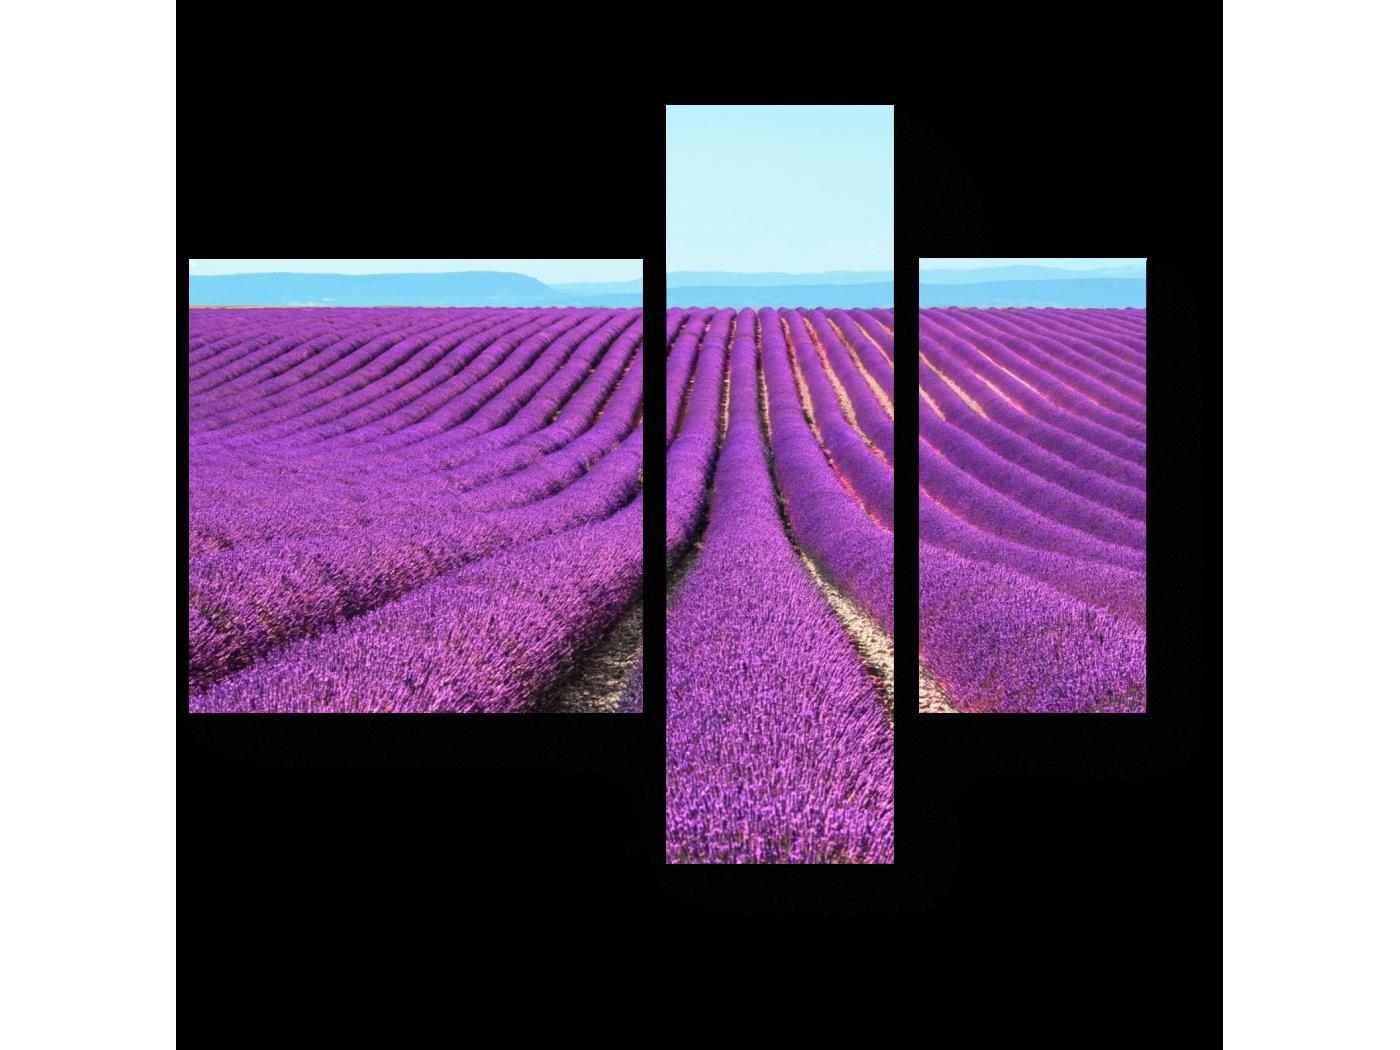 Модульная картина Поле лаванды (80x66) фото